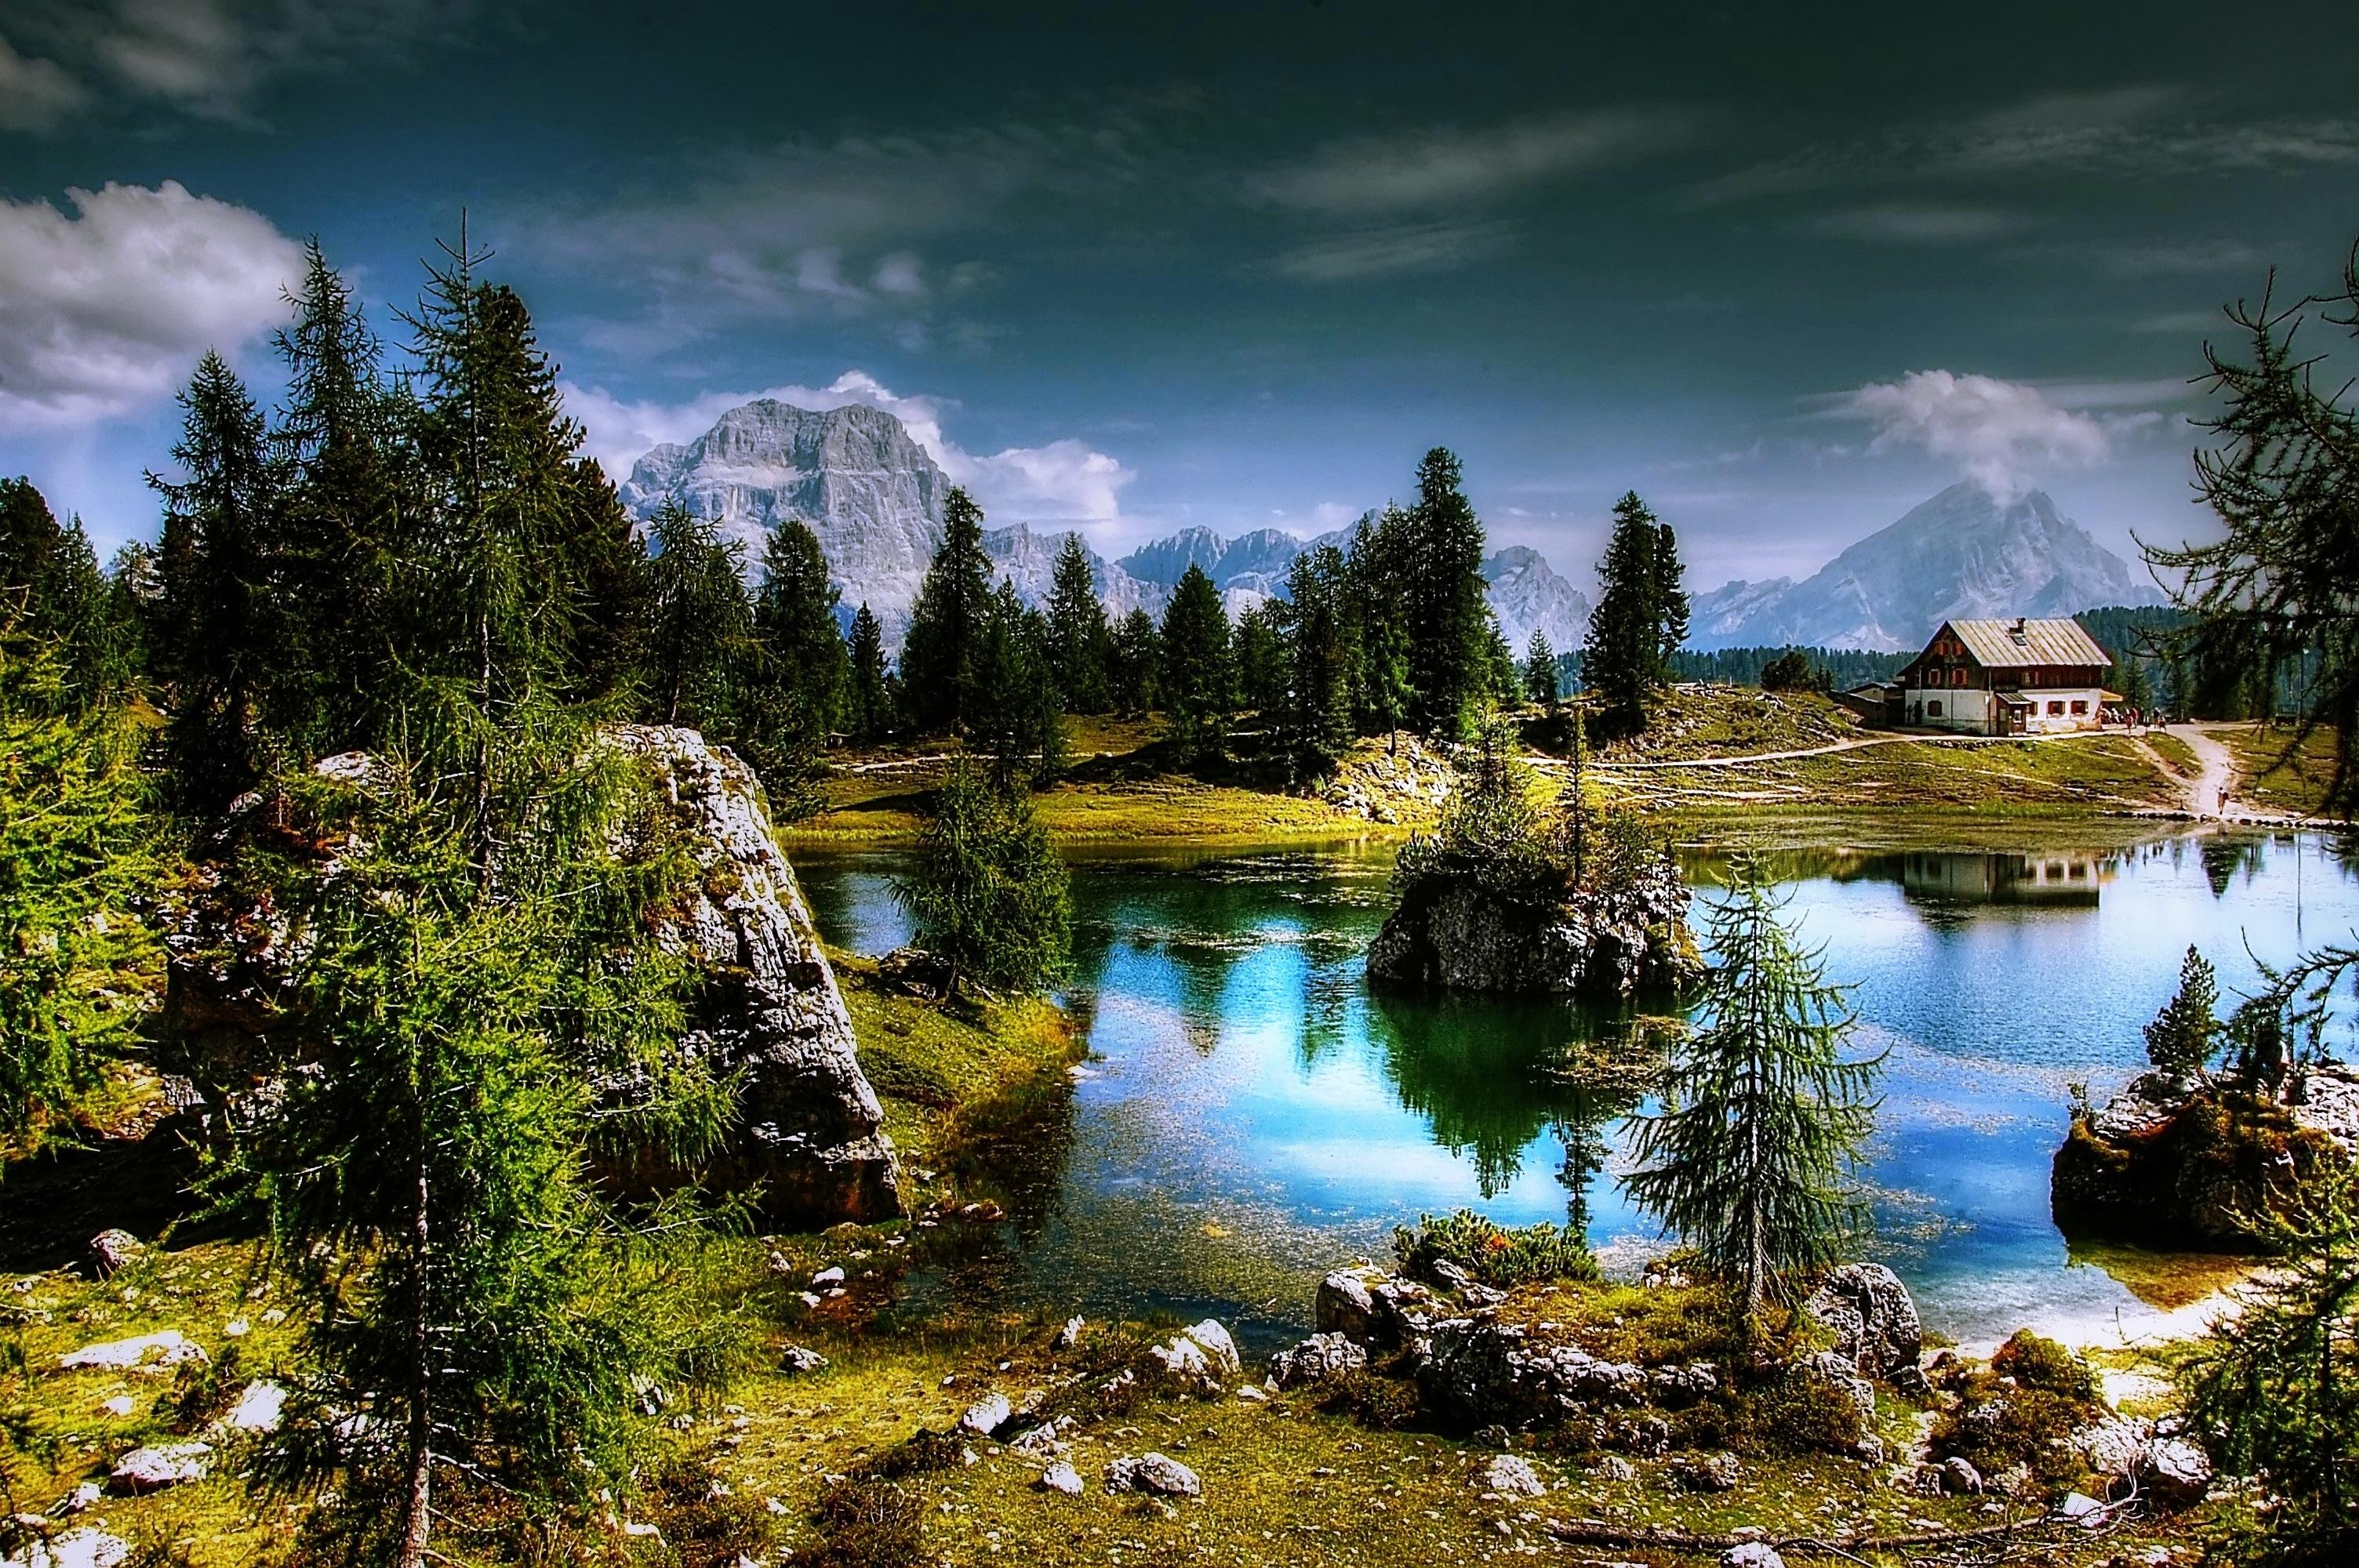 Scenic lago federa photo